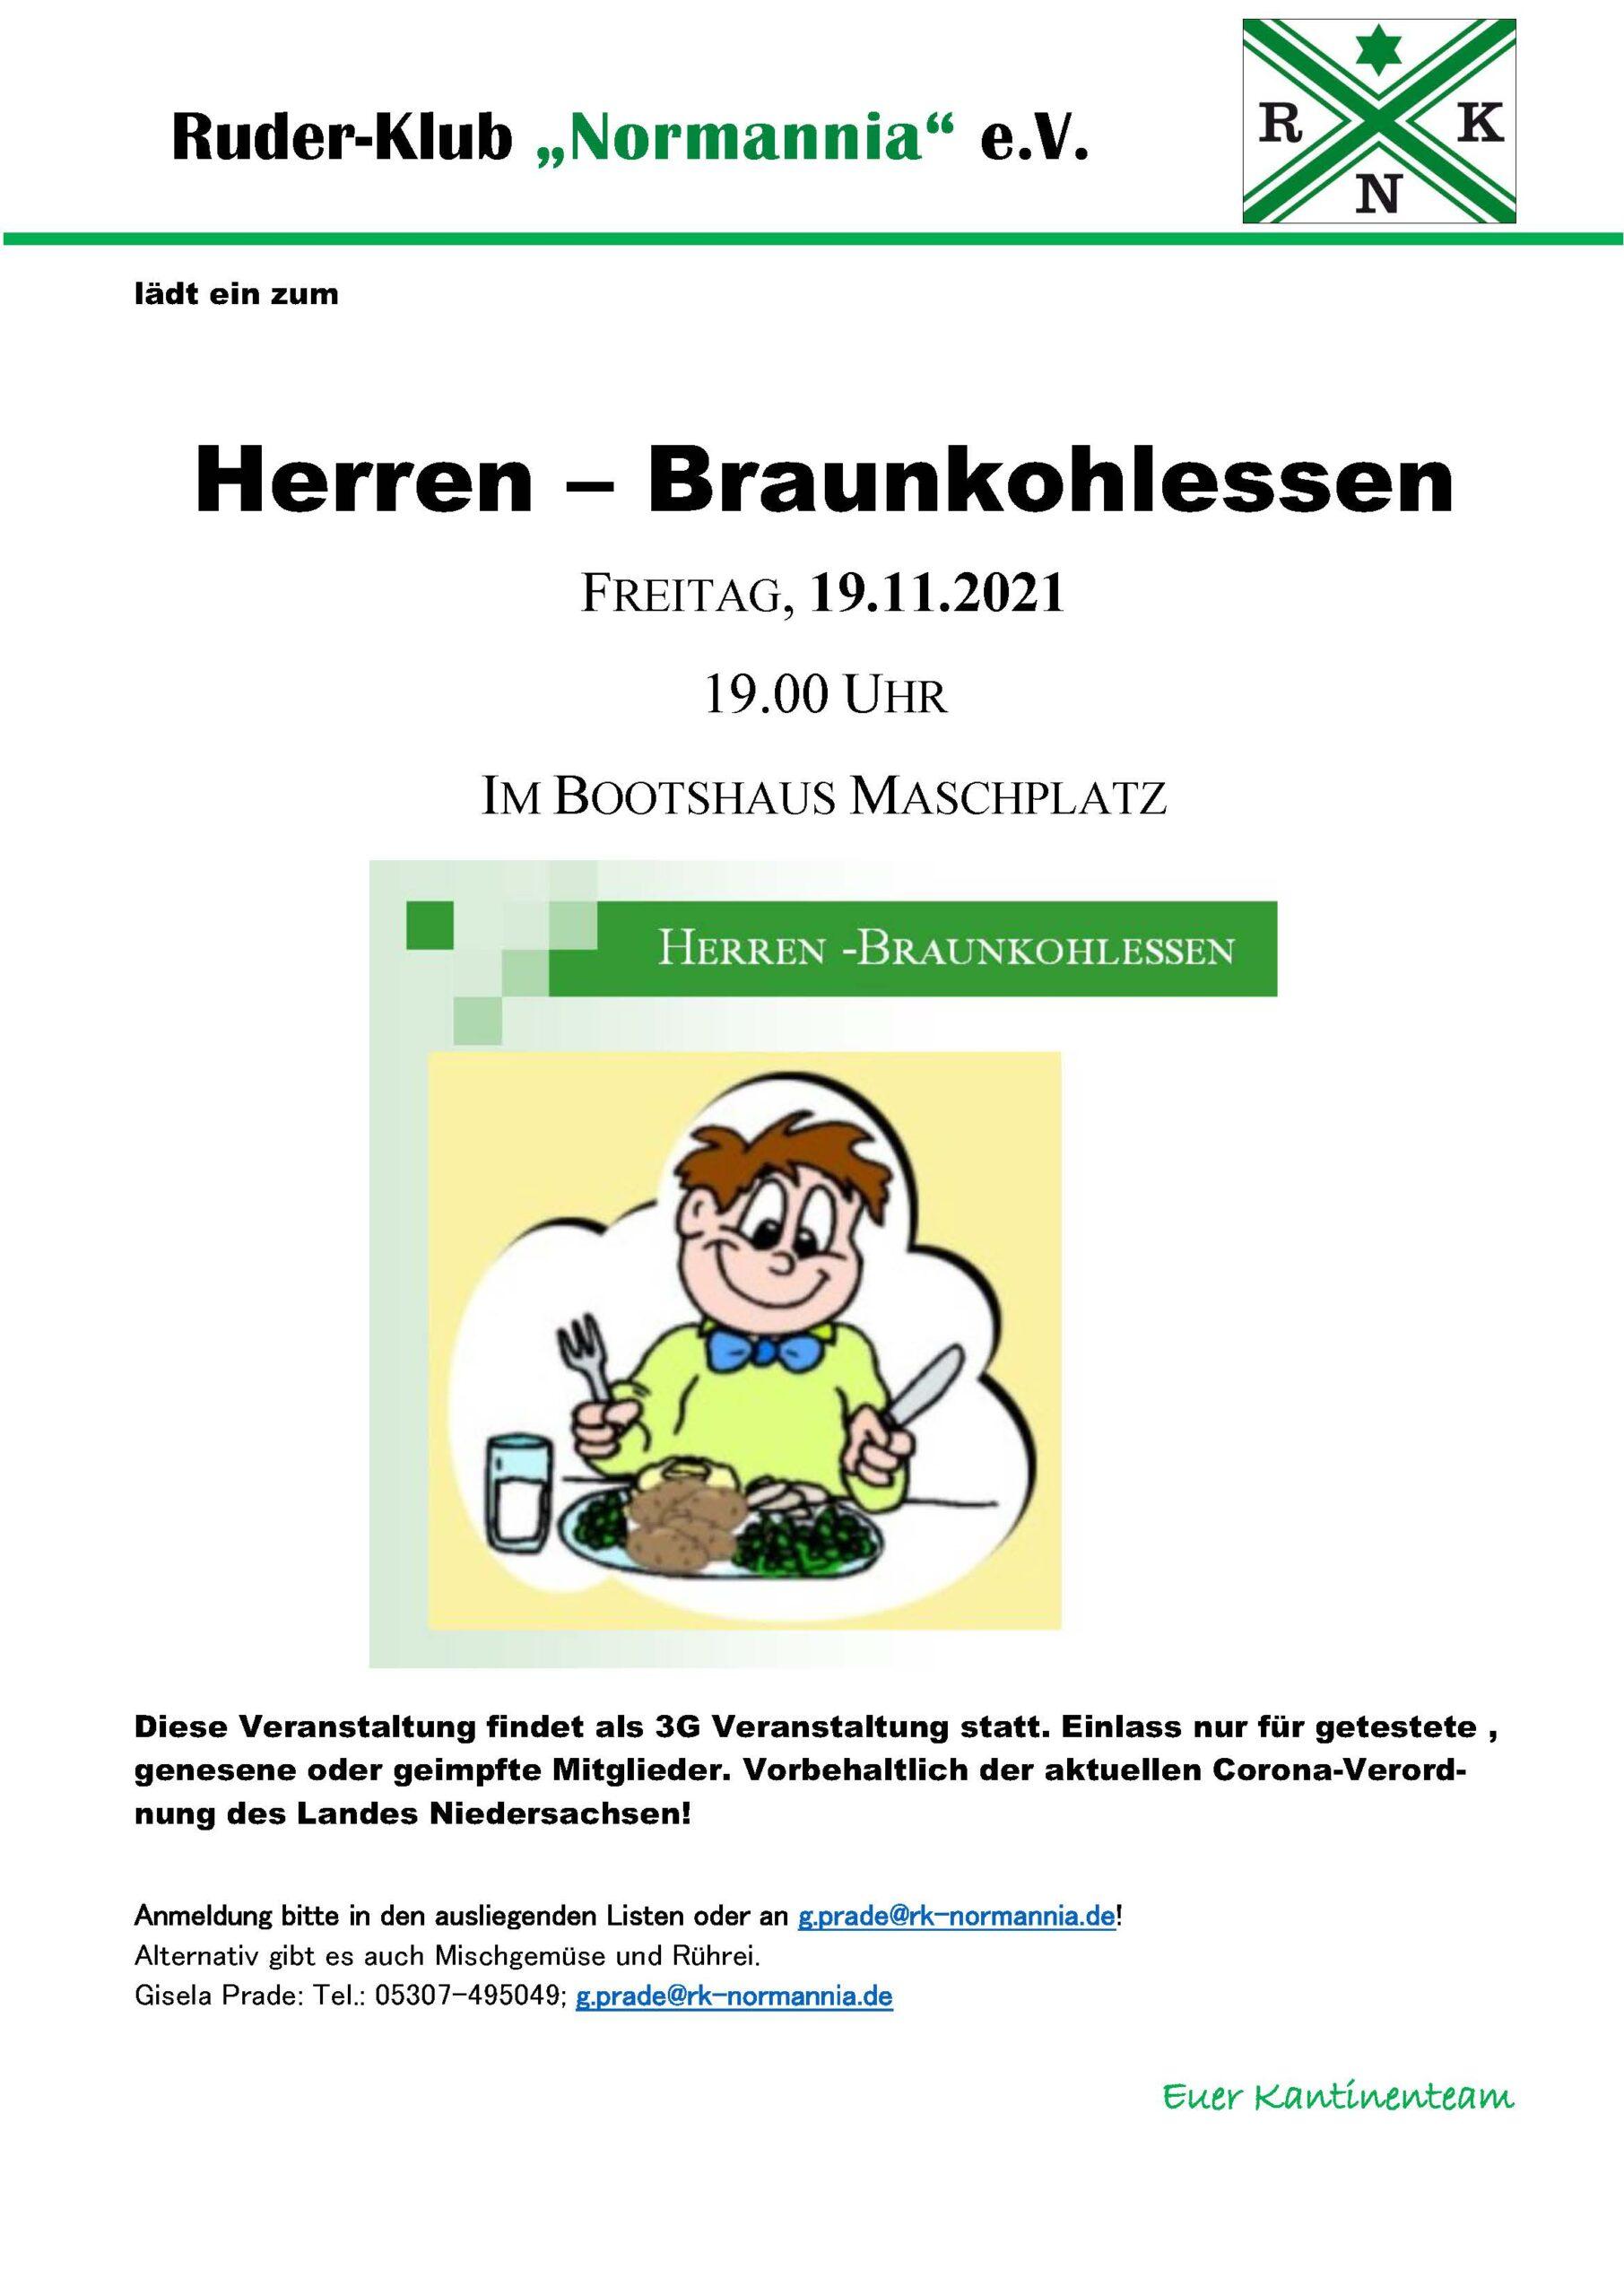 Herren-Braunkohl-Essen